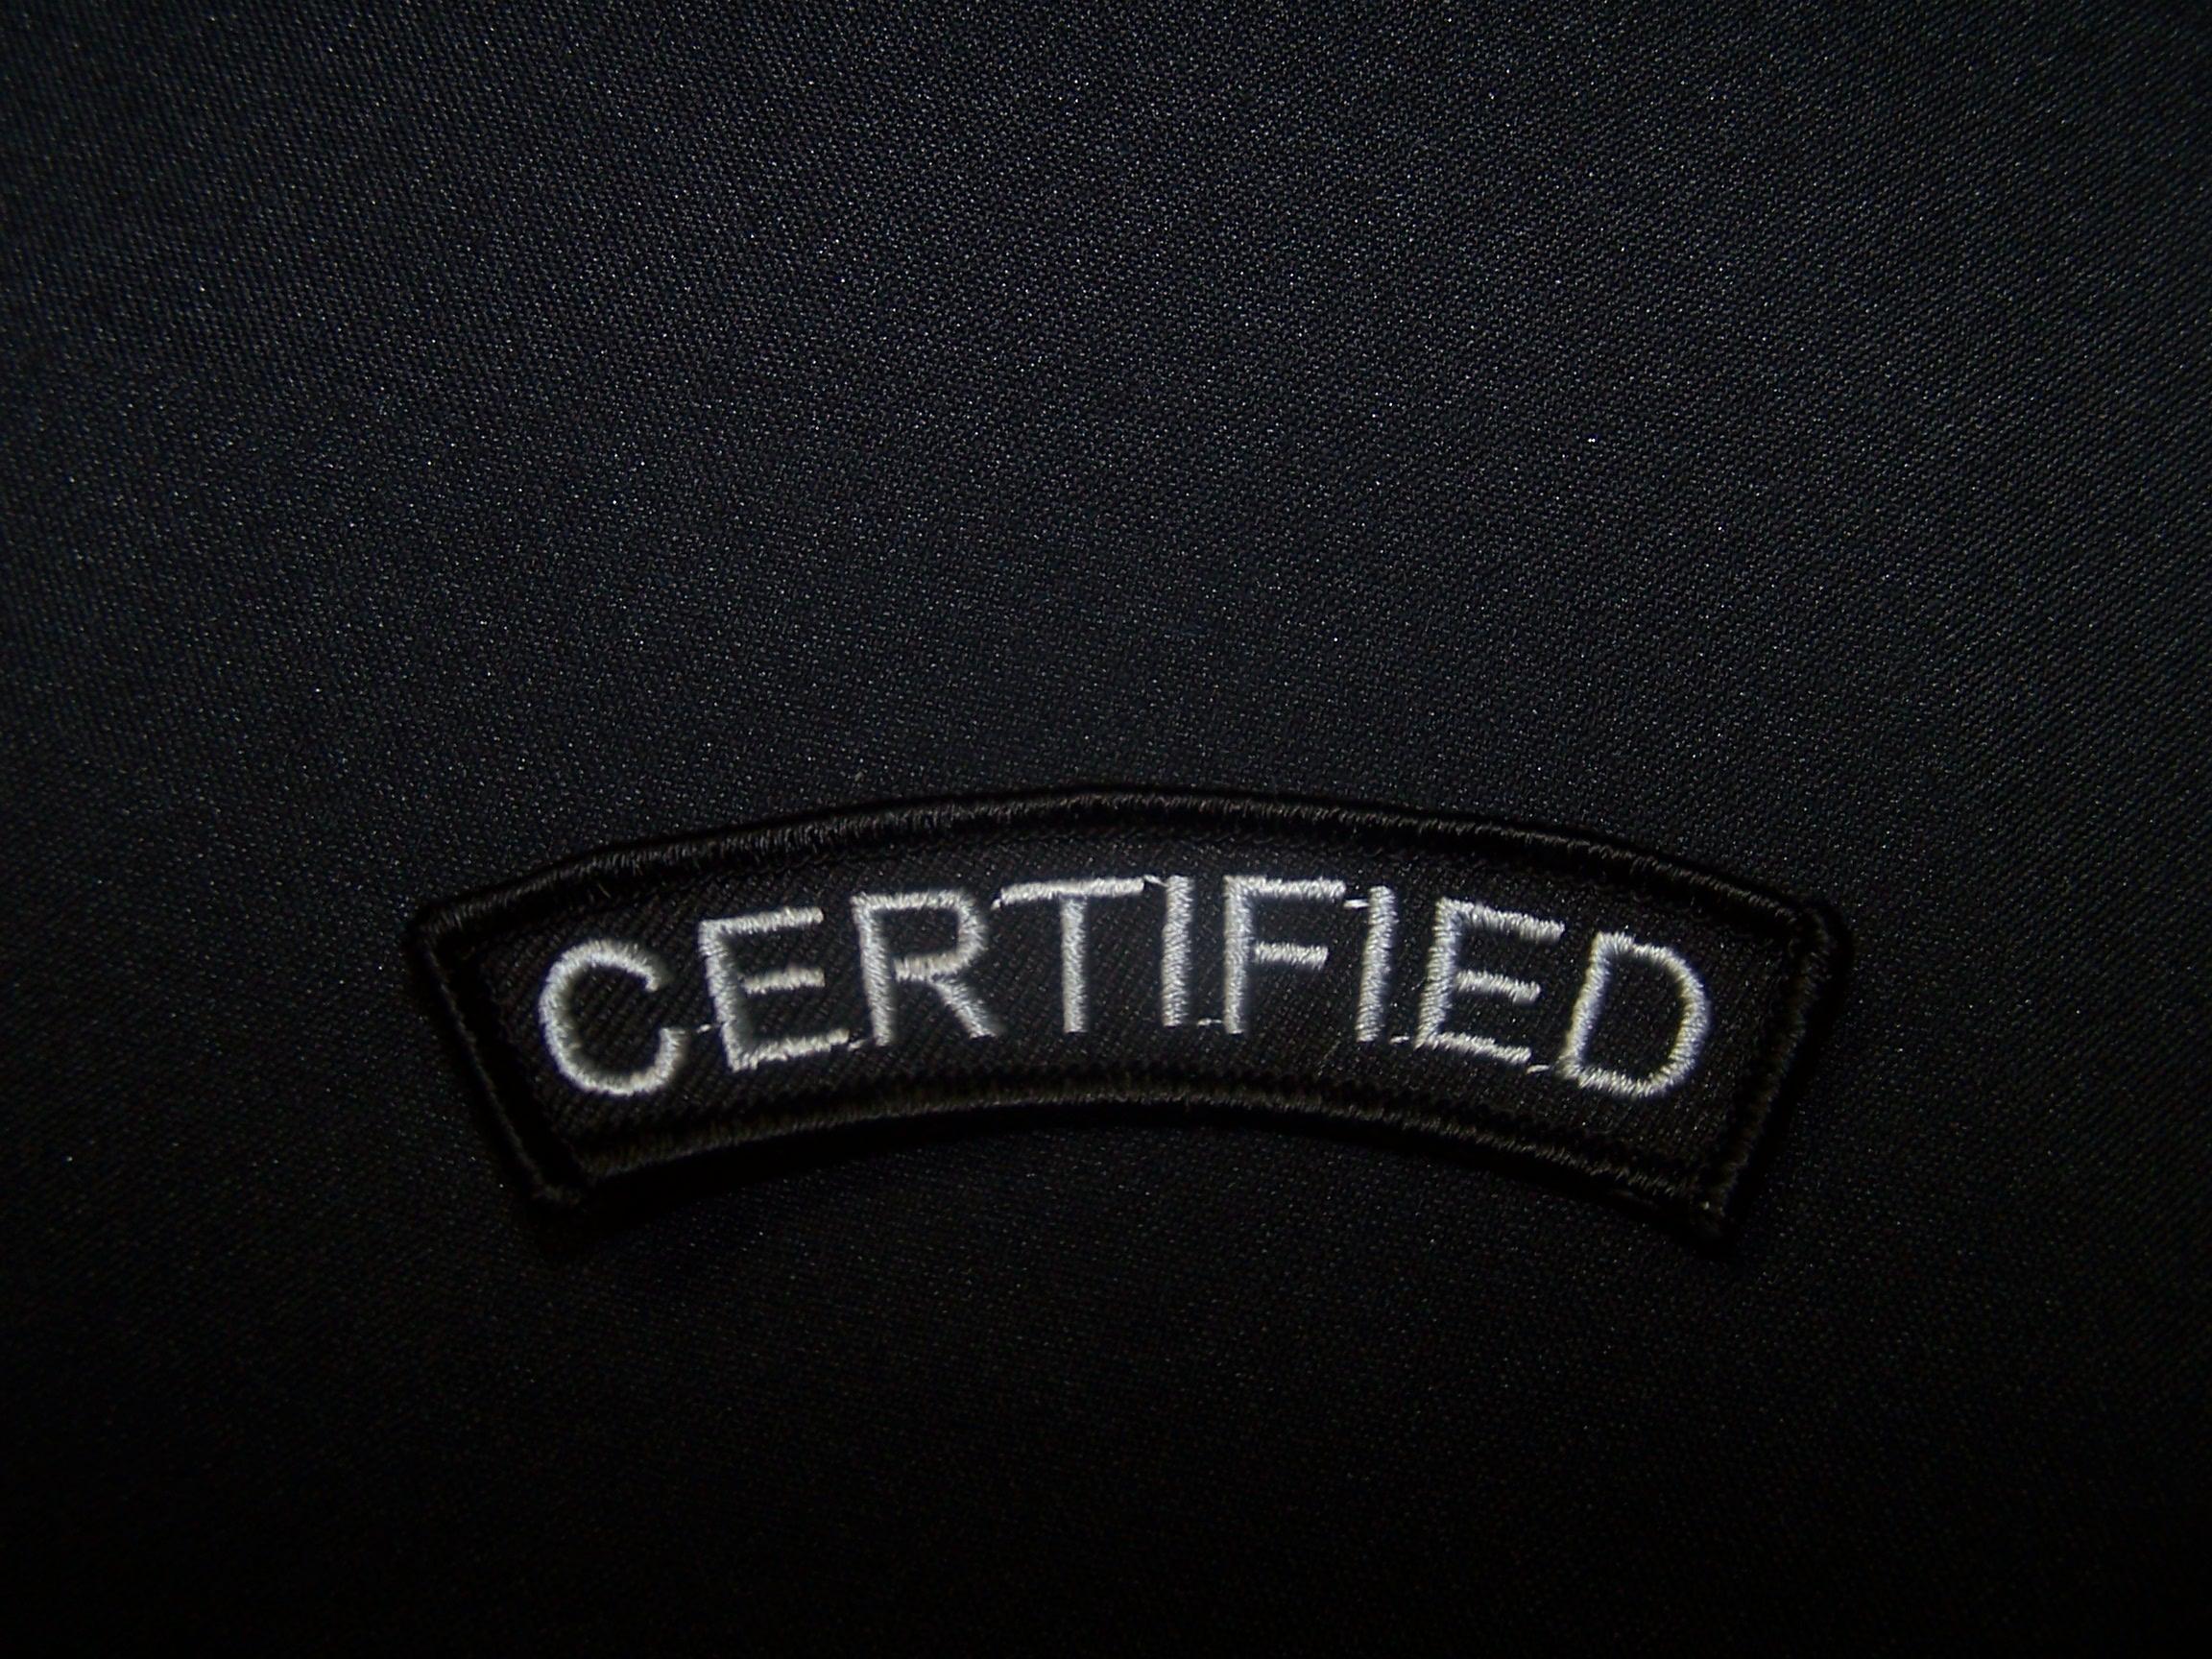 Certified badge